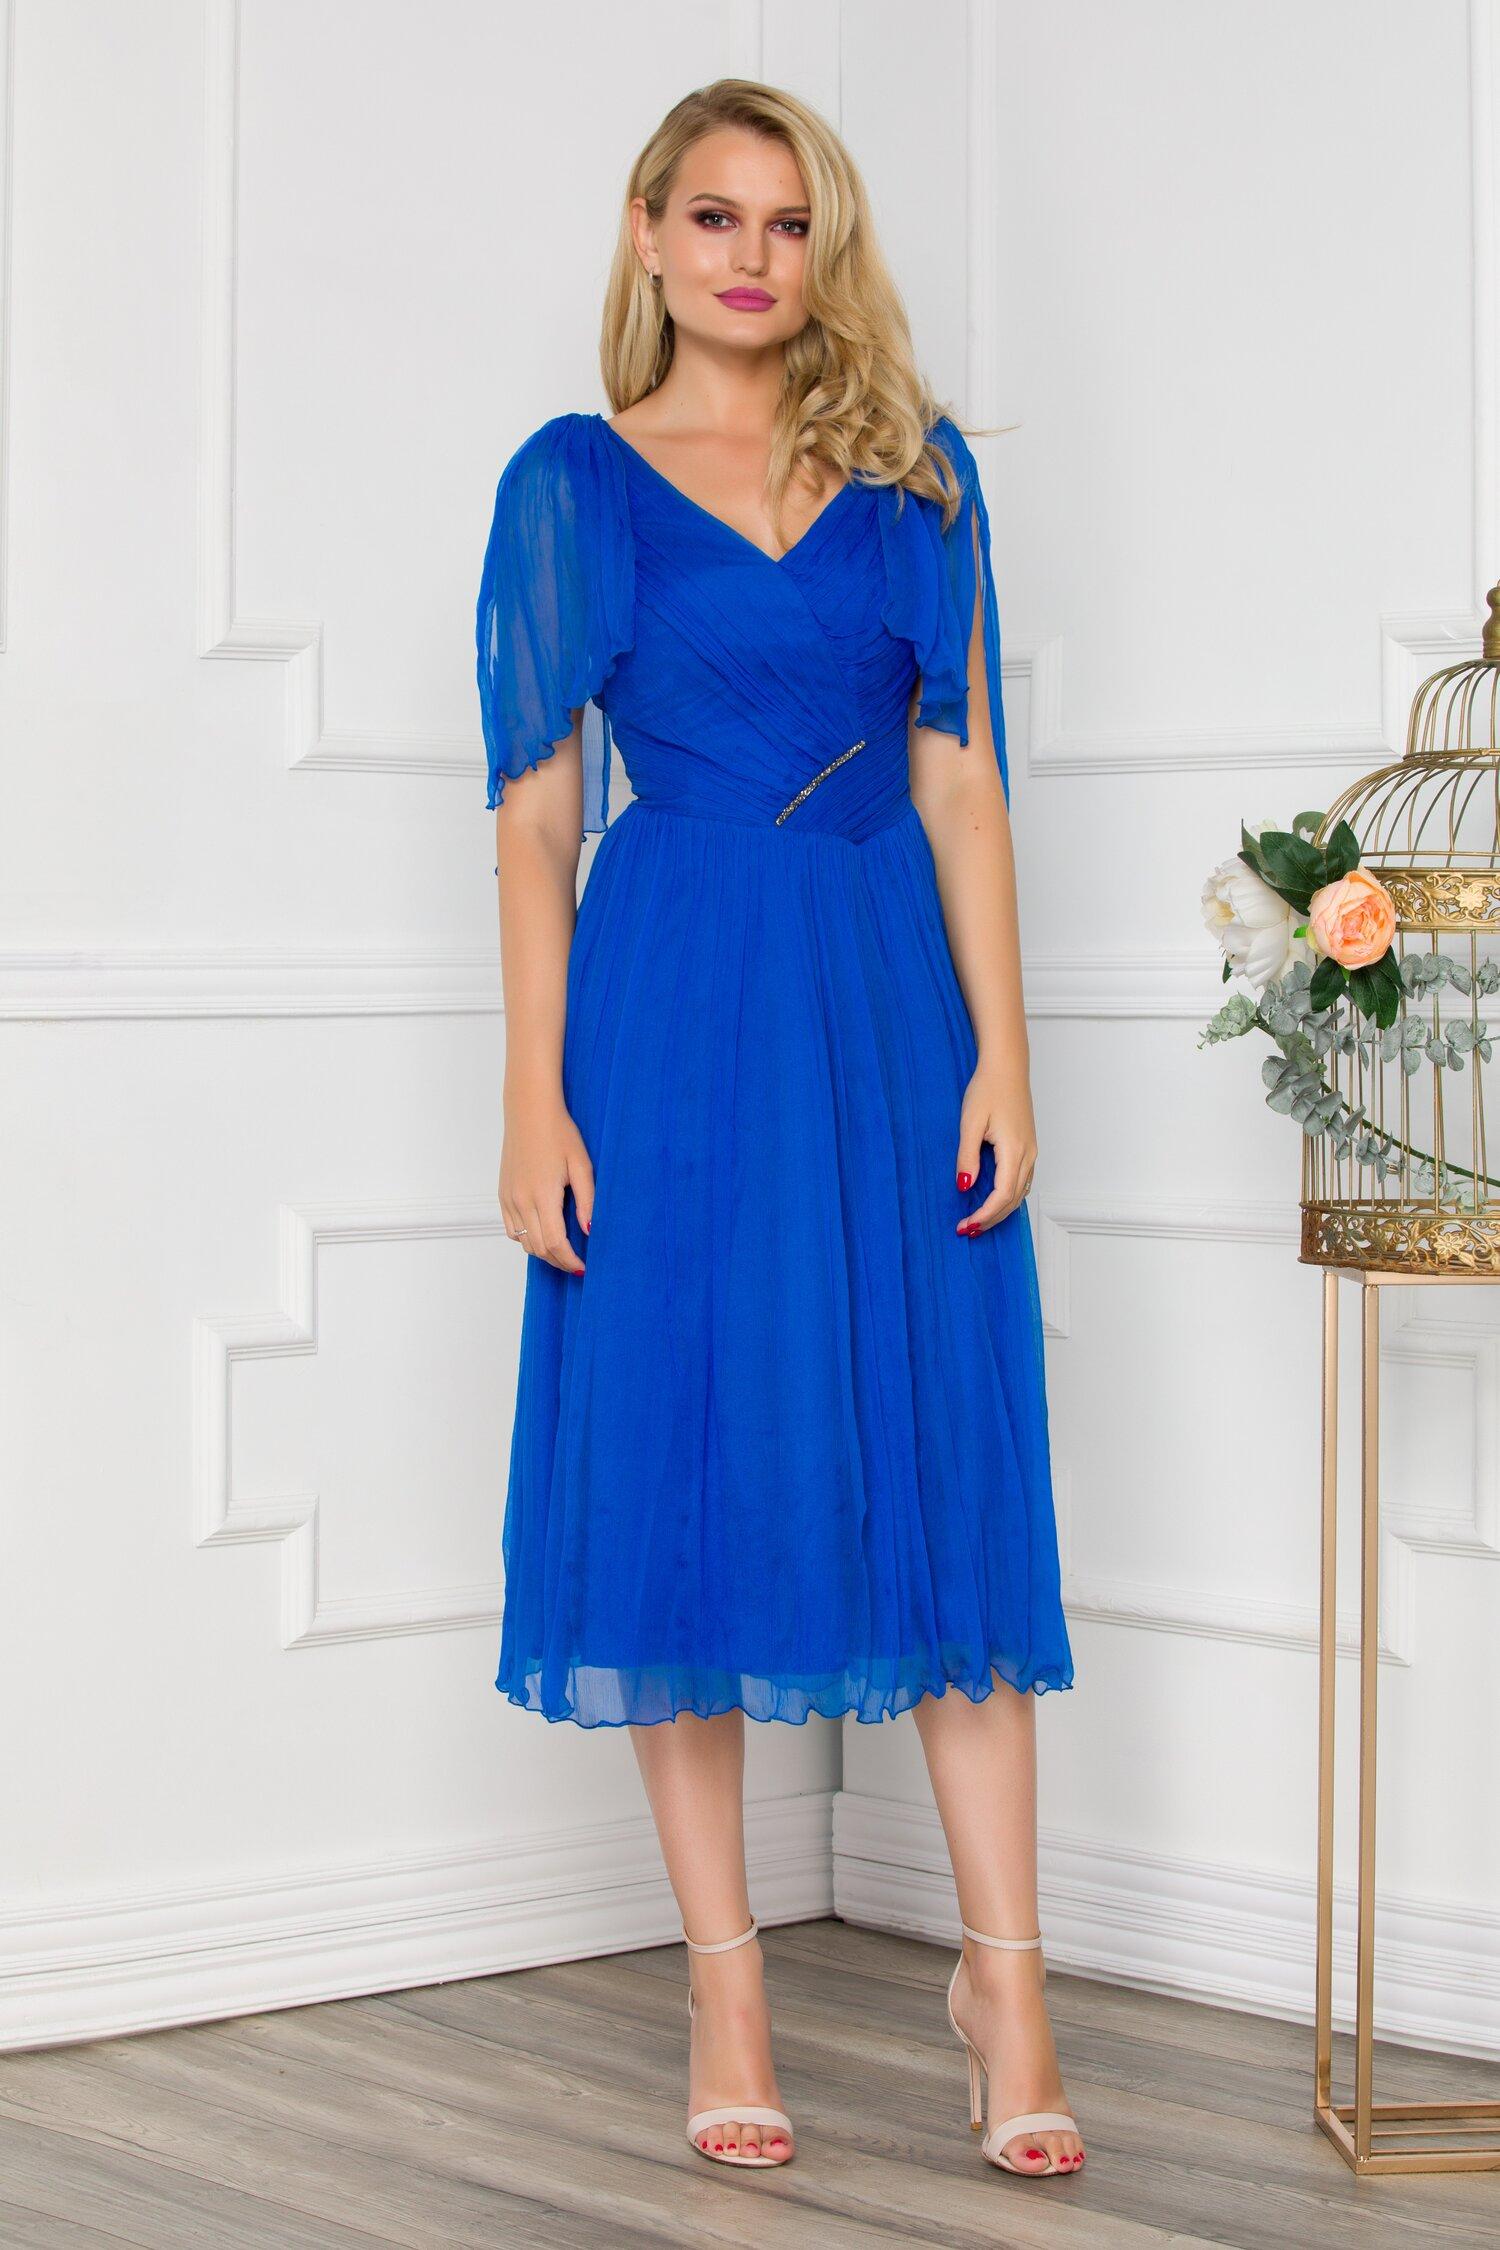 Rochie Ginette albastru royal din matase accesorizata discret cu strasuri imagine